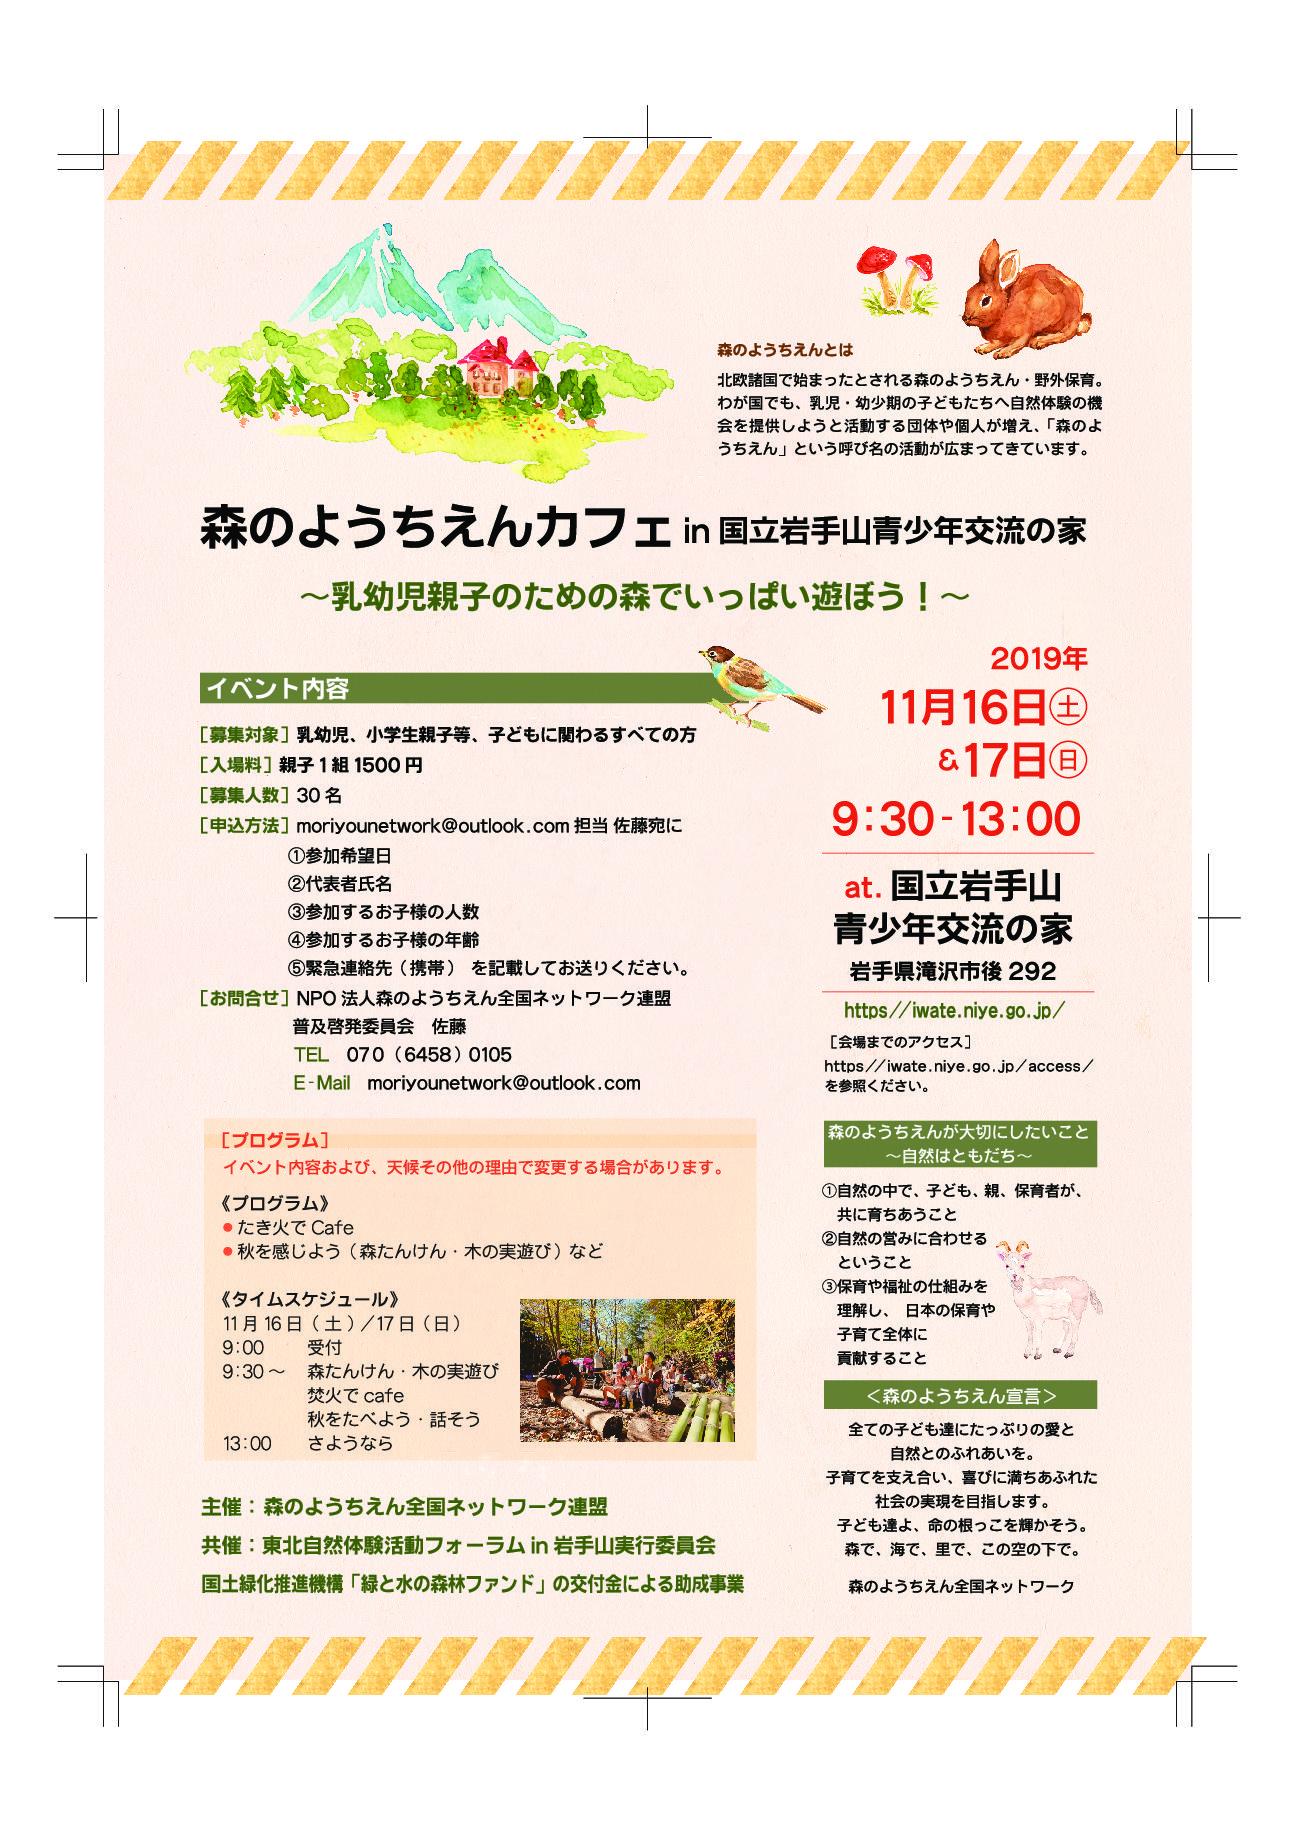 森のようちえんカフェin国立岩手山青少年交流の家 参加者募集!